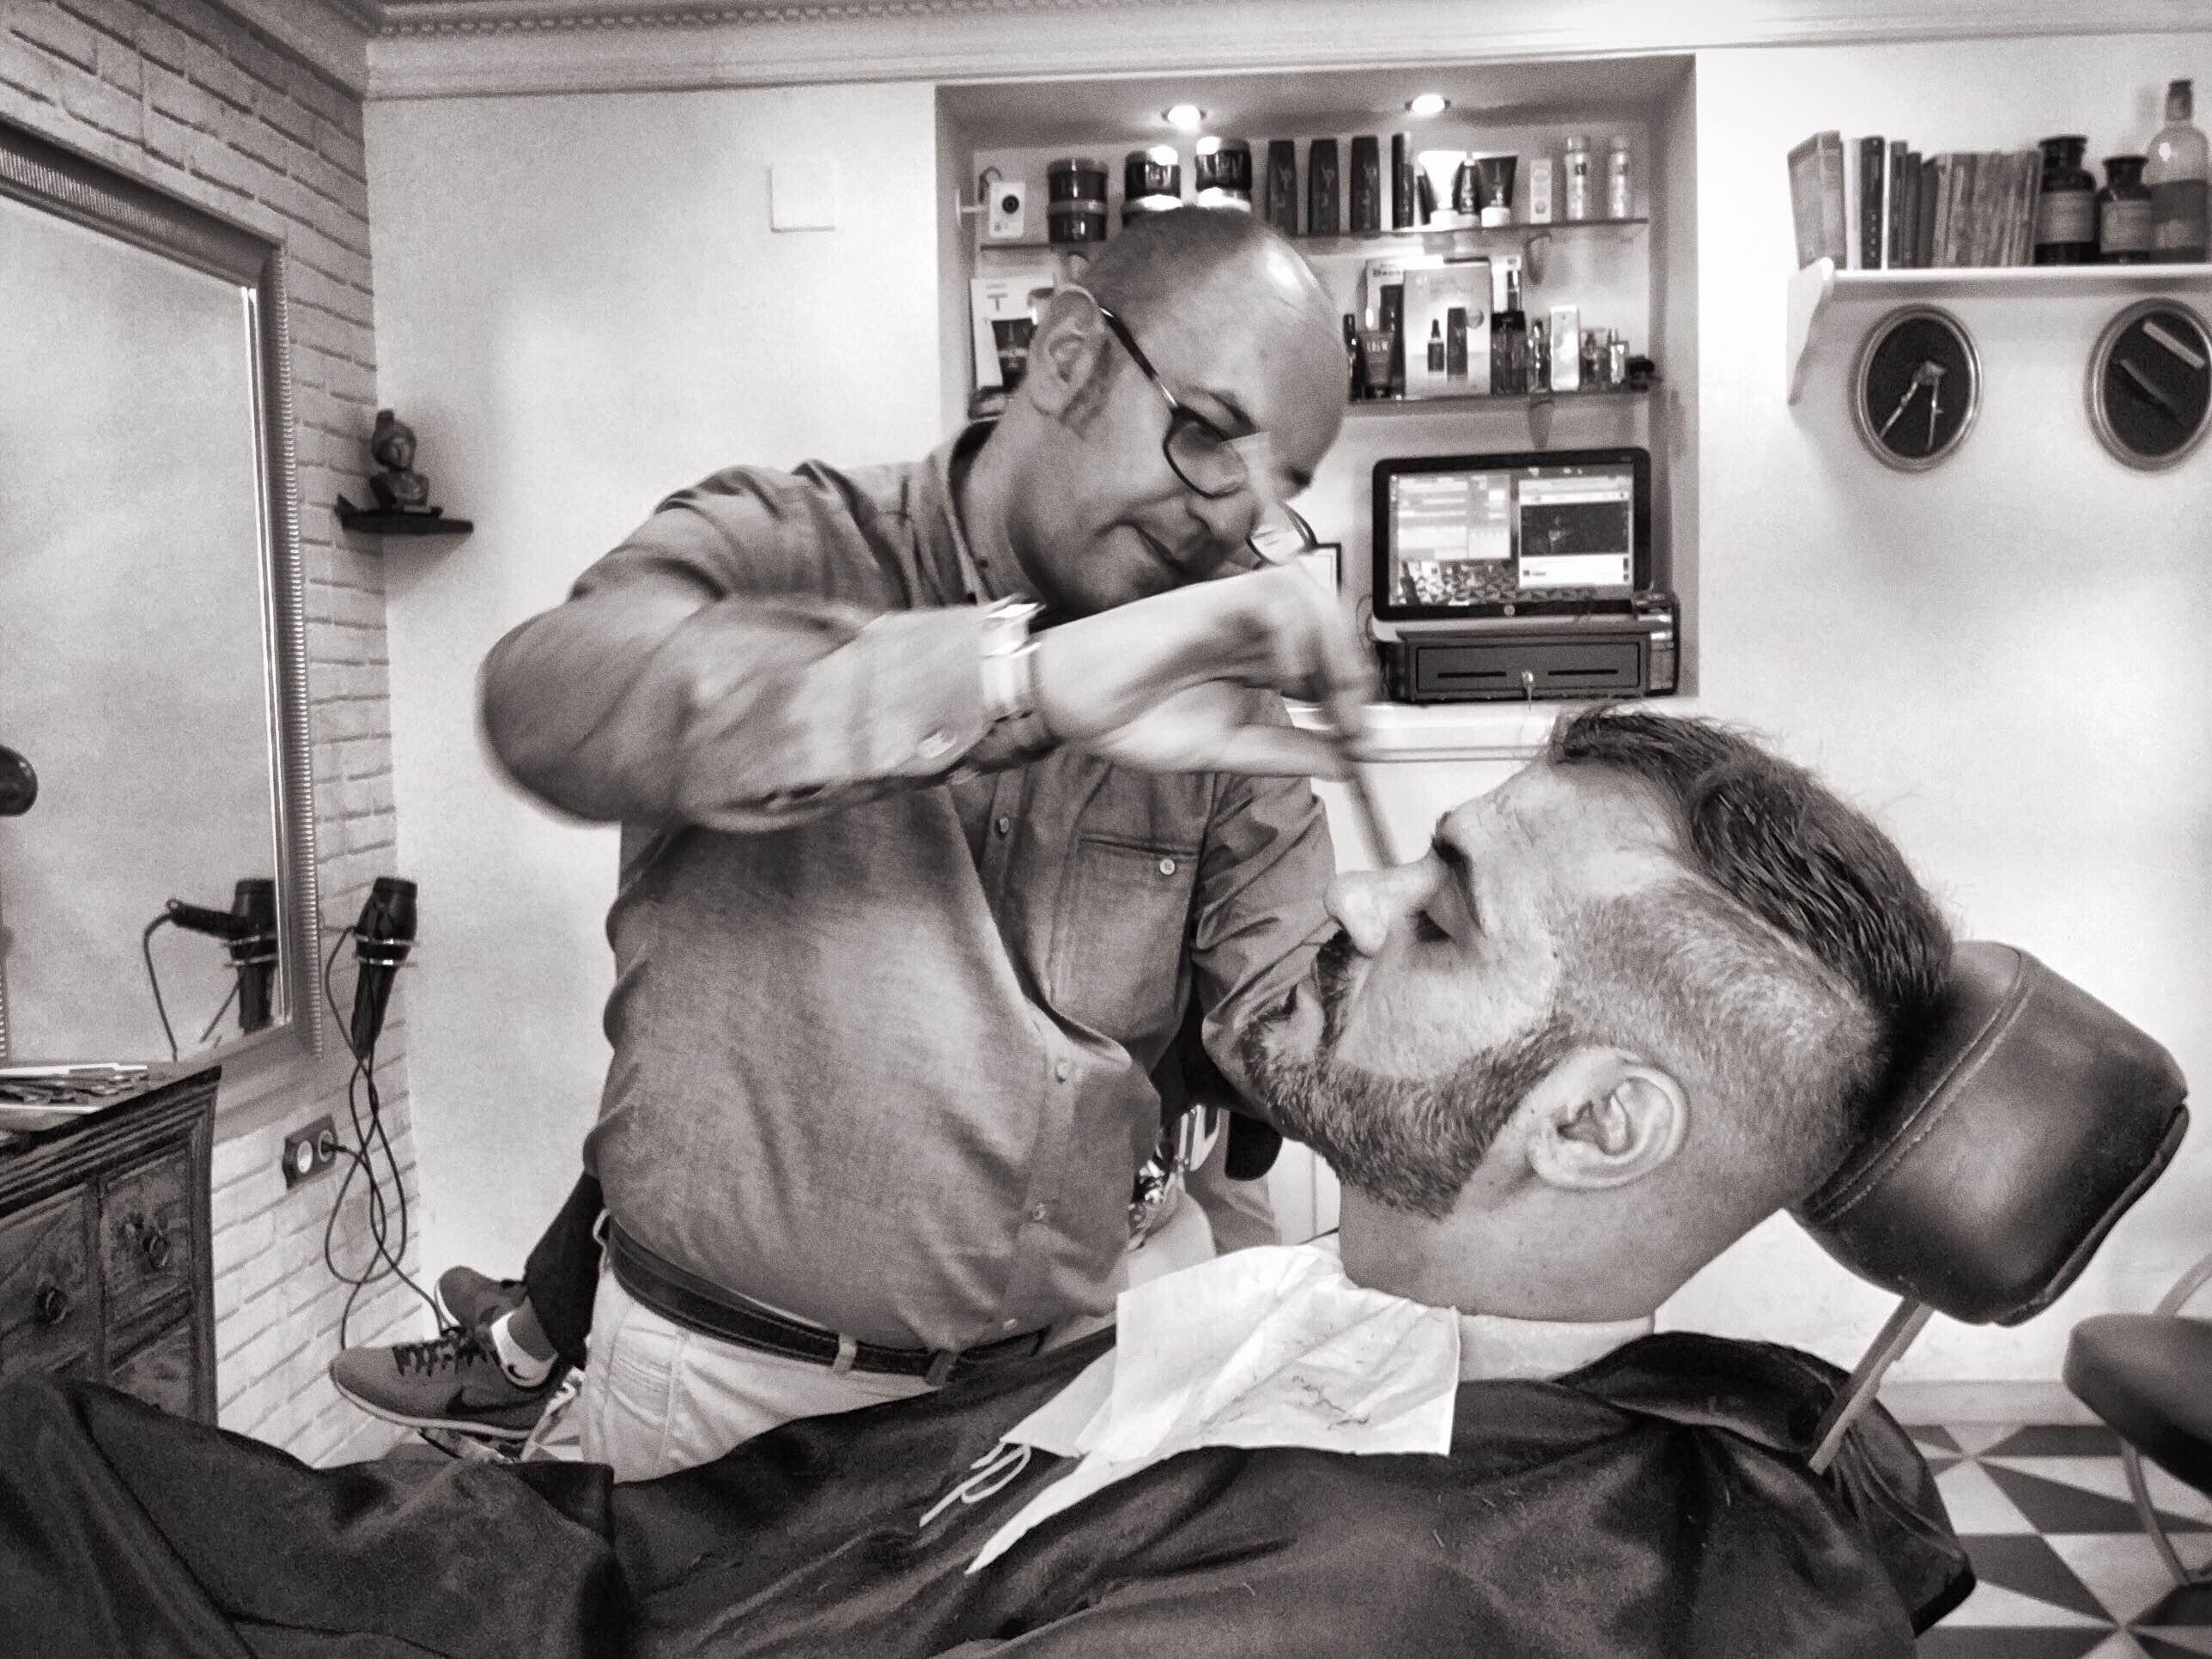 enlight1  Farsi tagliare barba e capelli dal Barbiere di Siviglia, Fatto! Enlight1 1